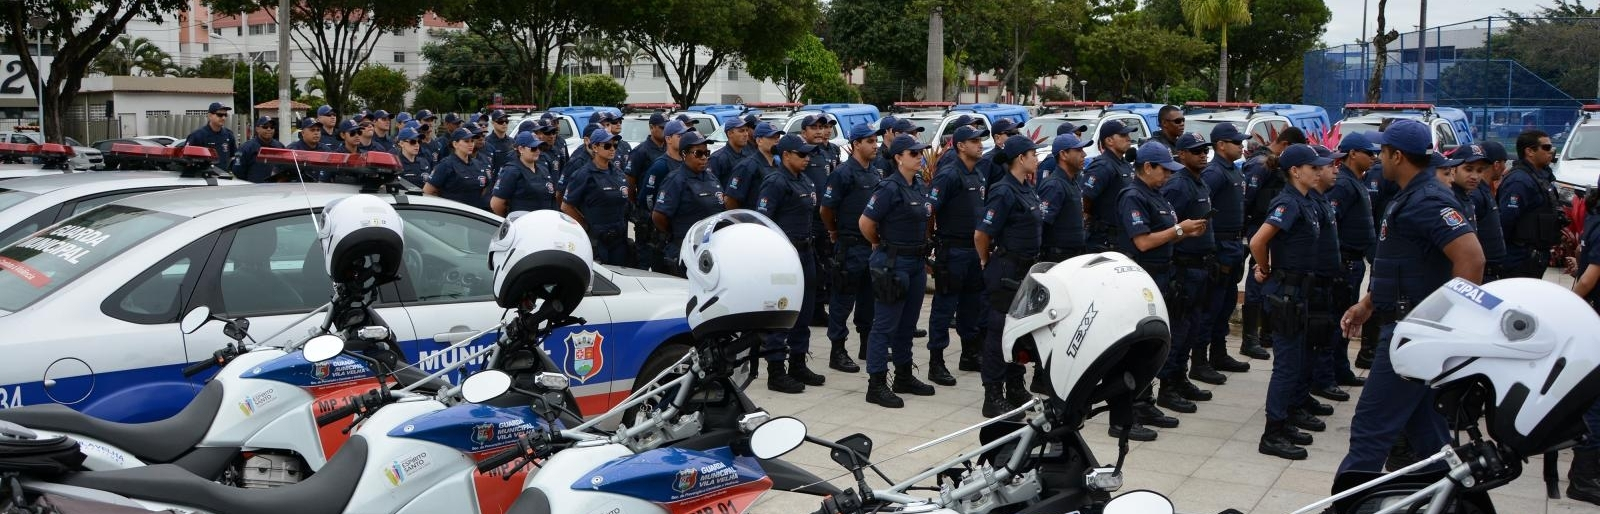 Guarda Municipal de Vila Velha agora é 100% armada